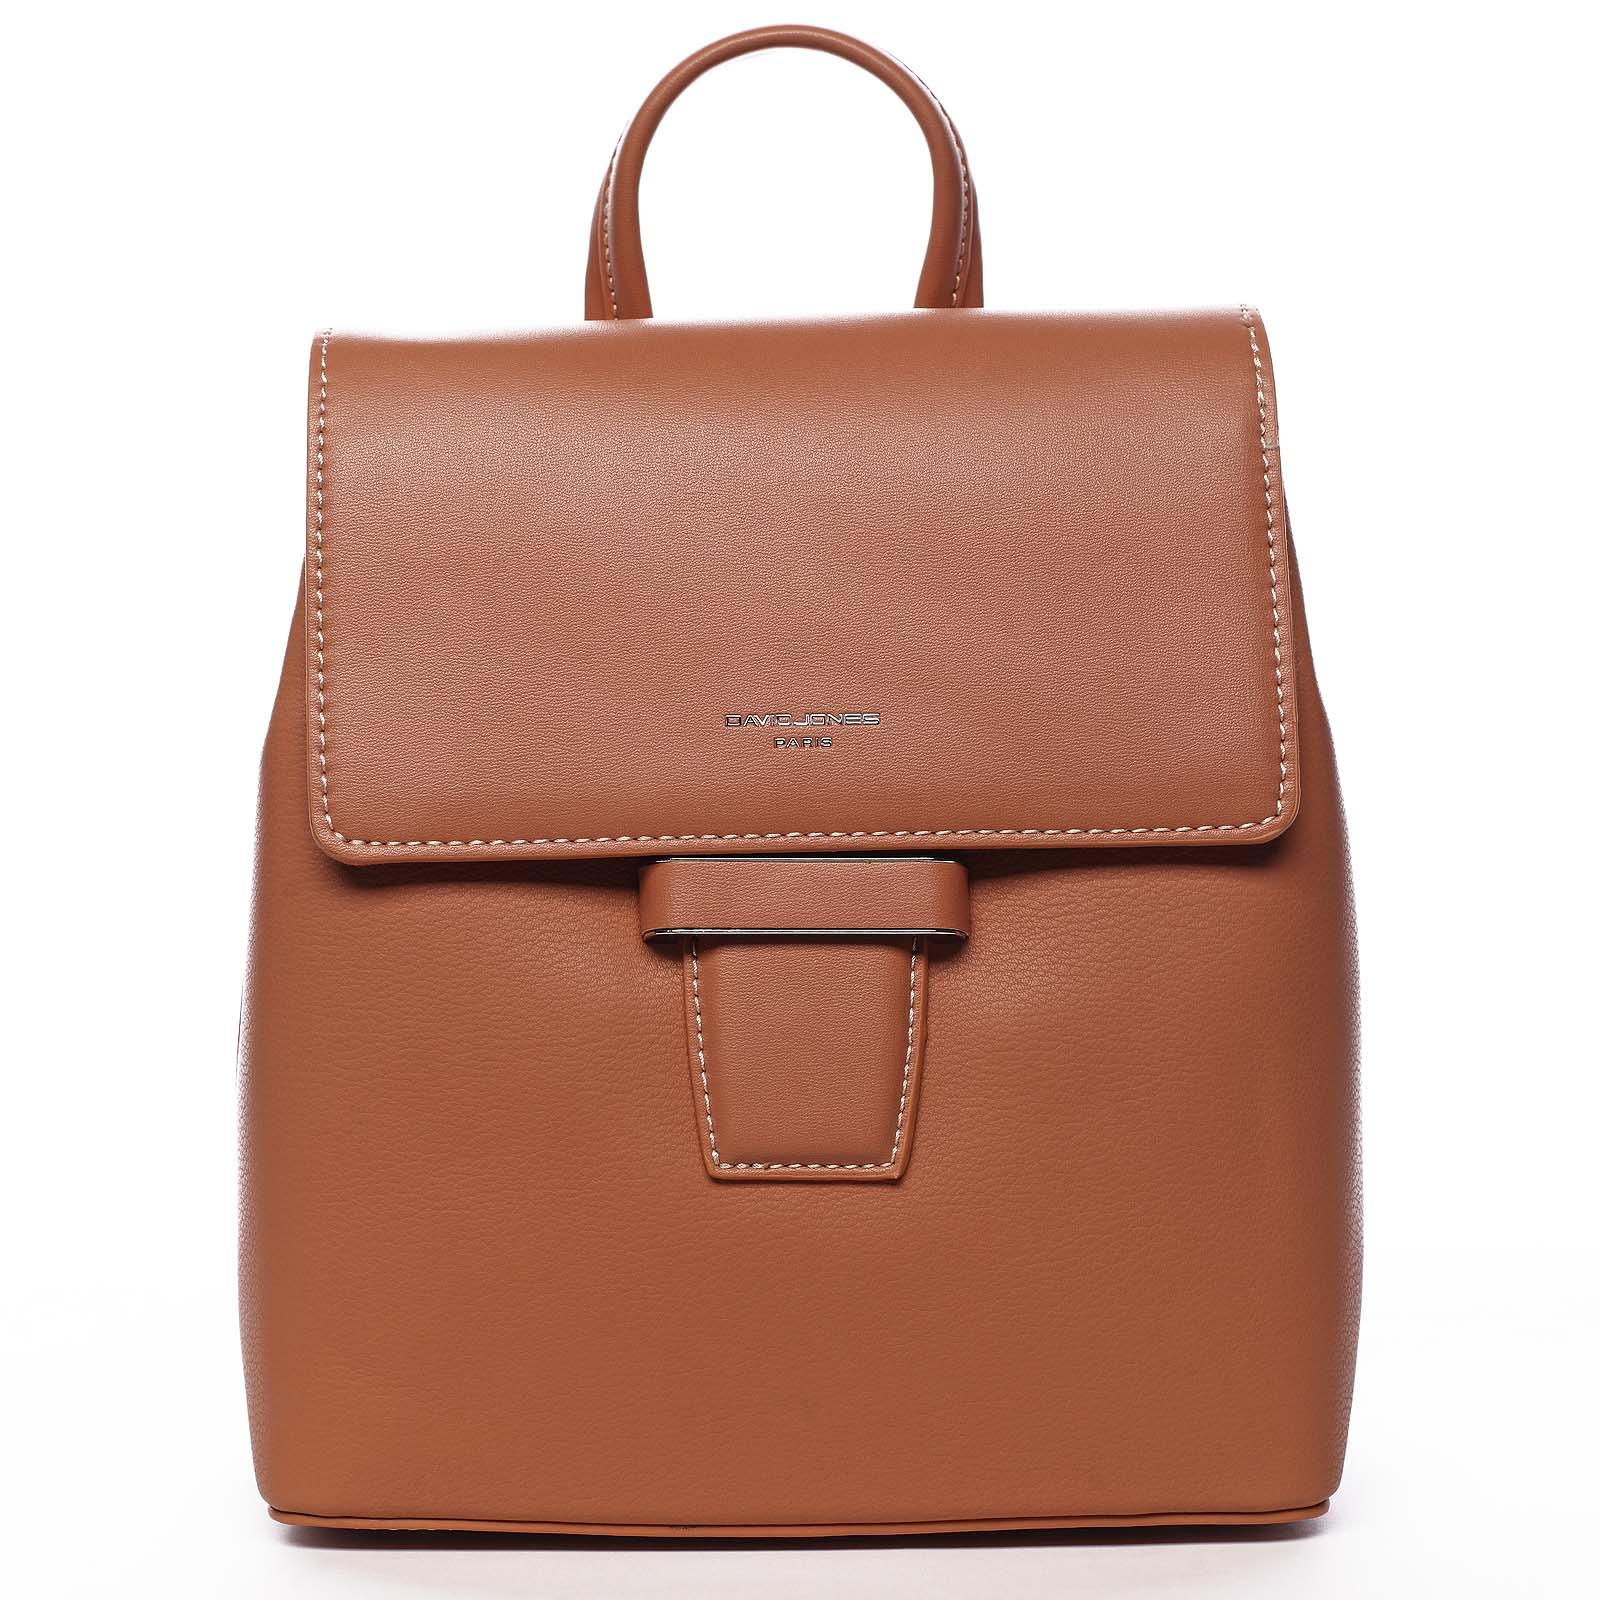 Dámský městský batůžek kabelka oranžový - David Jones Kancy